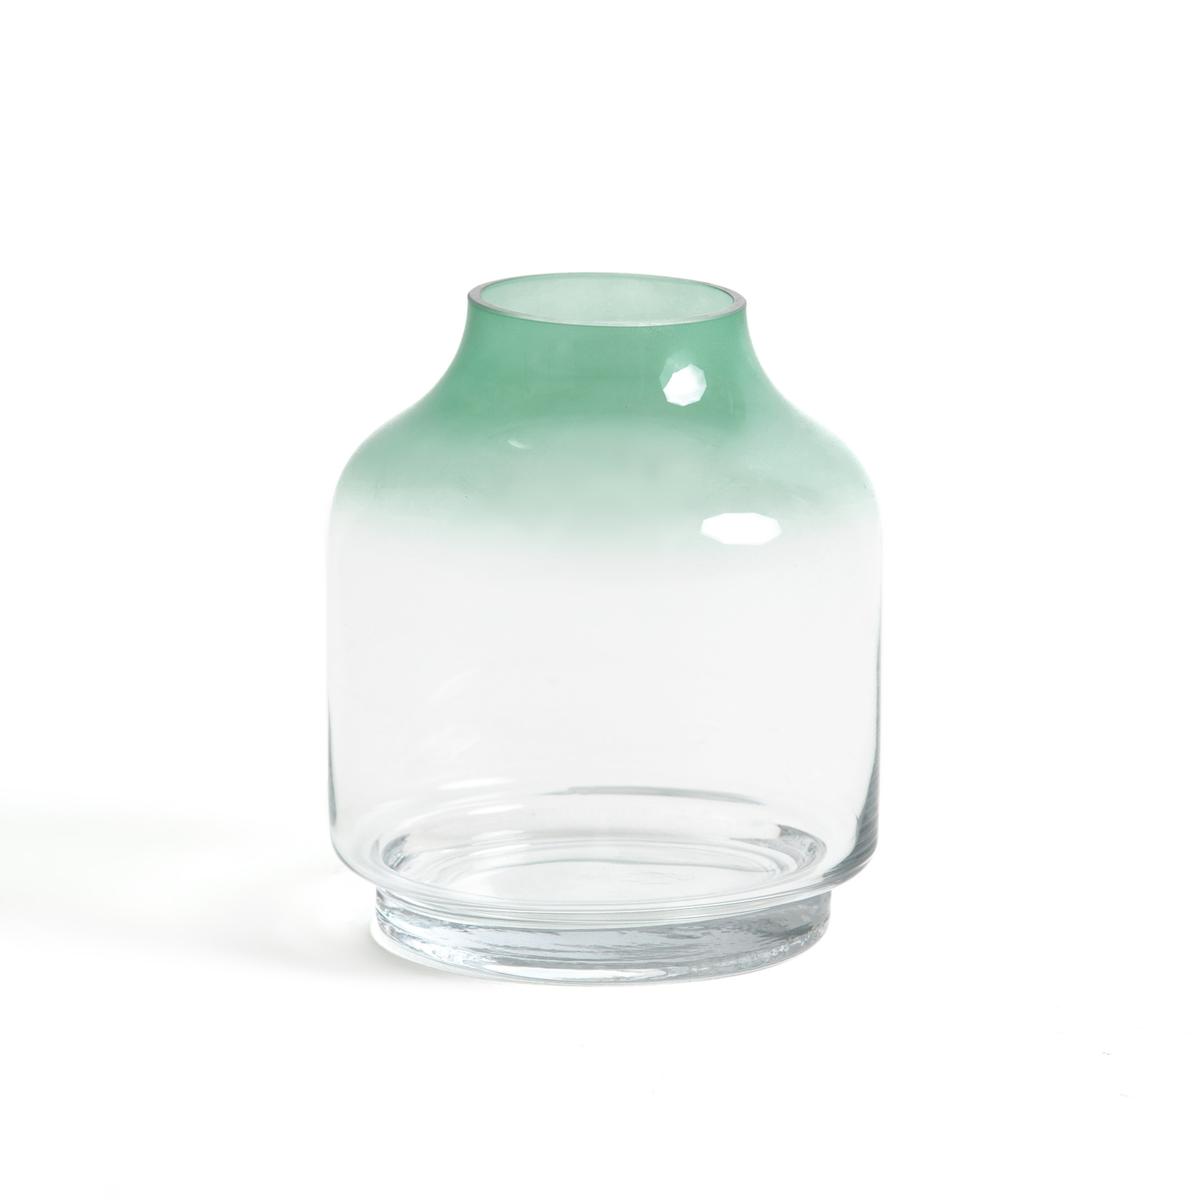 Ваза из цветного стекла, В.20 см, EPUR homereligion ваза подсвечник серебрянная из стекла